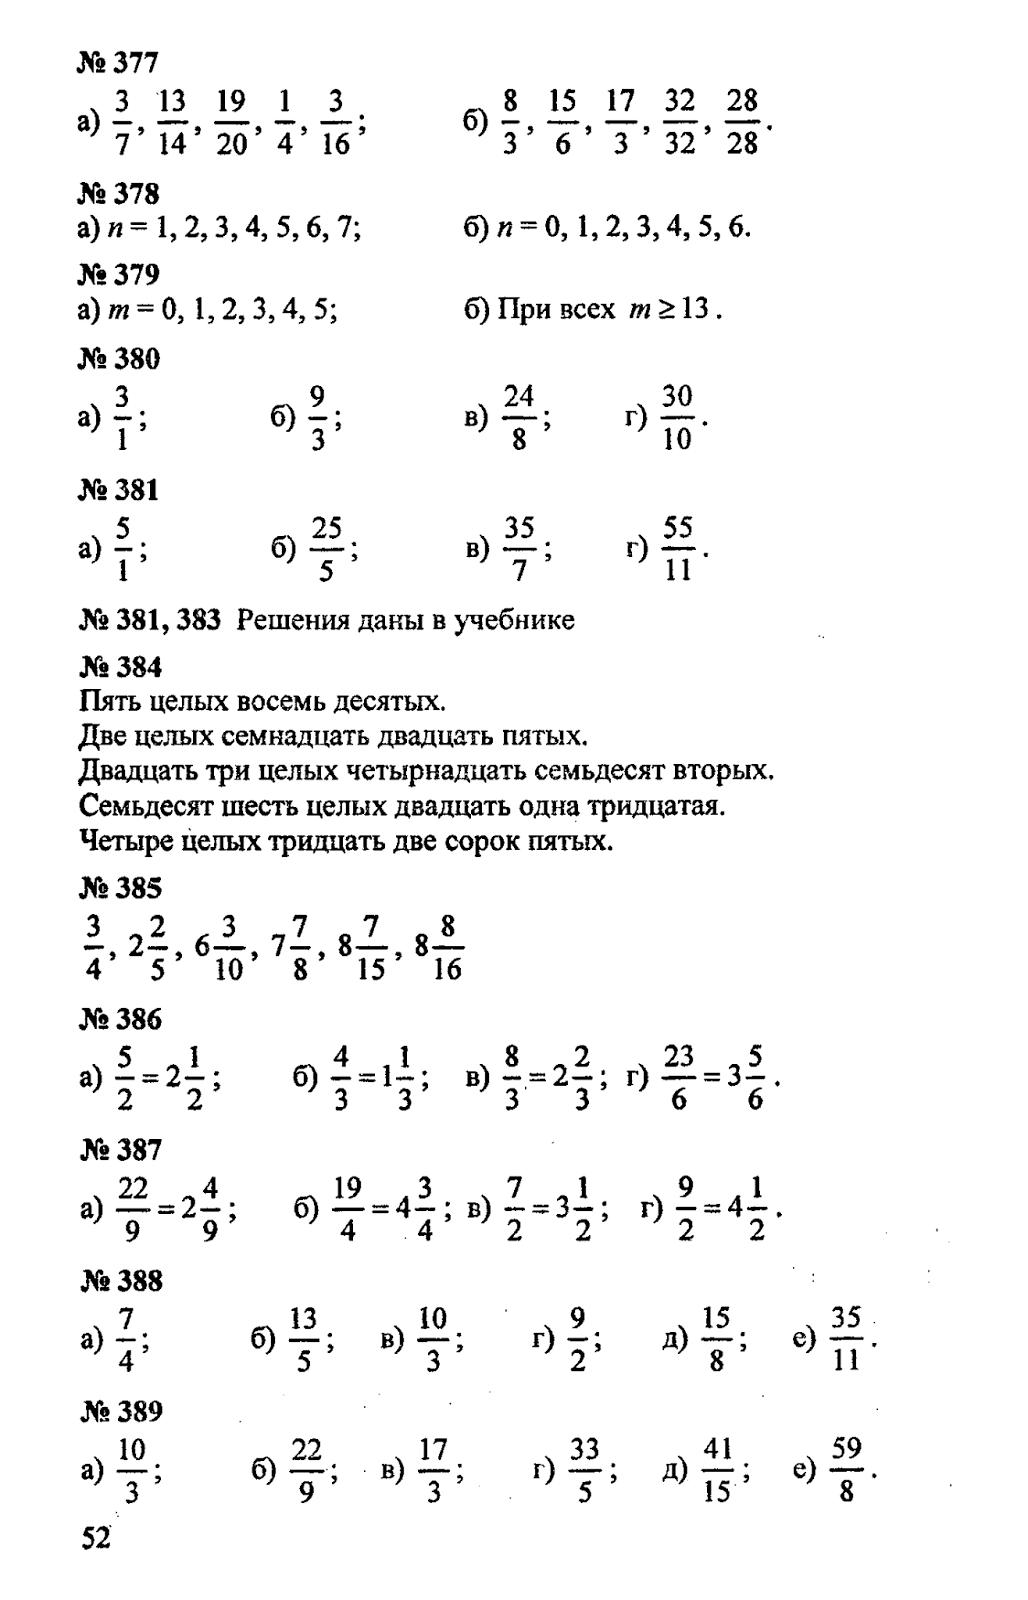 задание 5 зубарёва класс готовое по математике домашнее